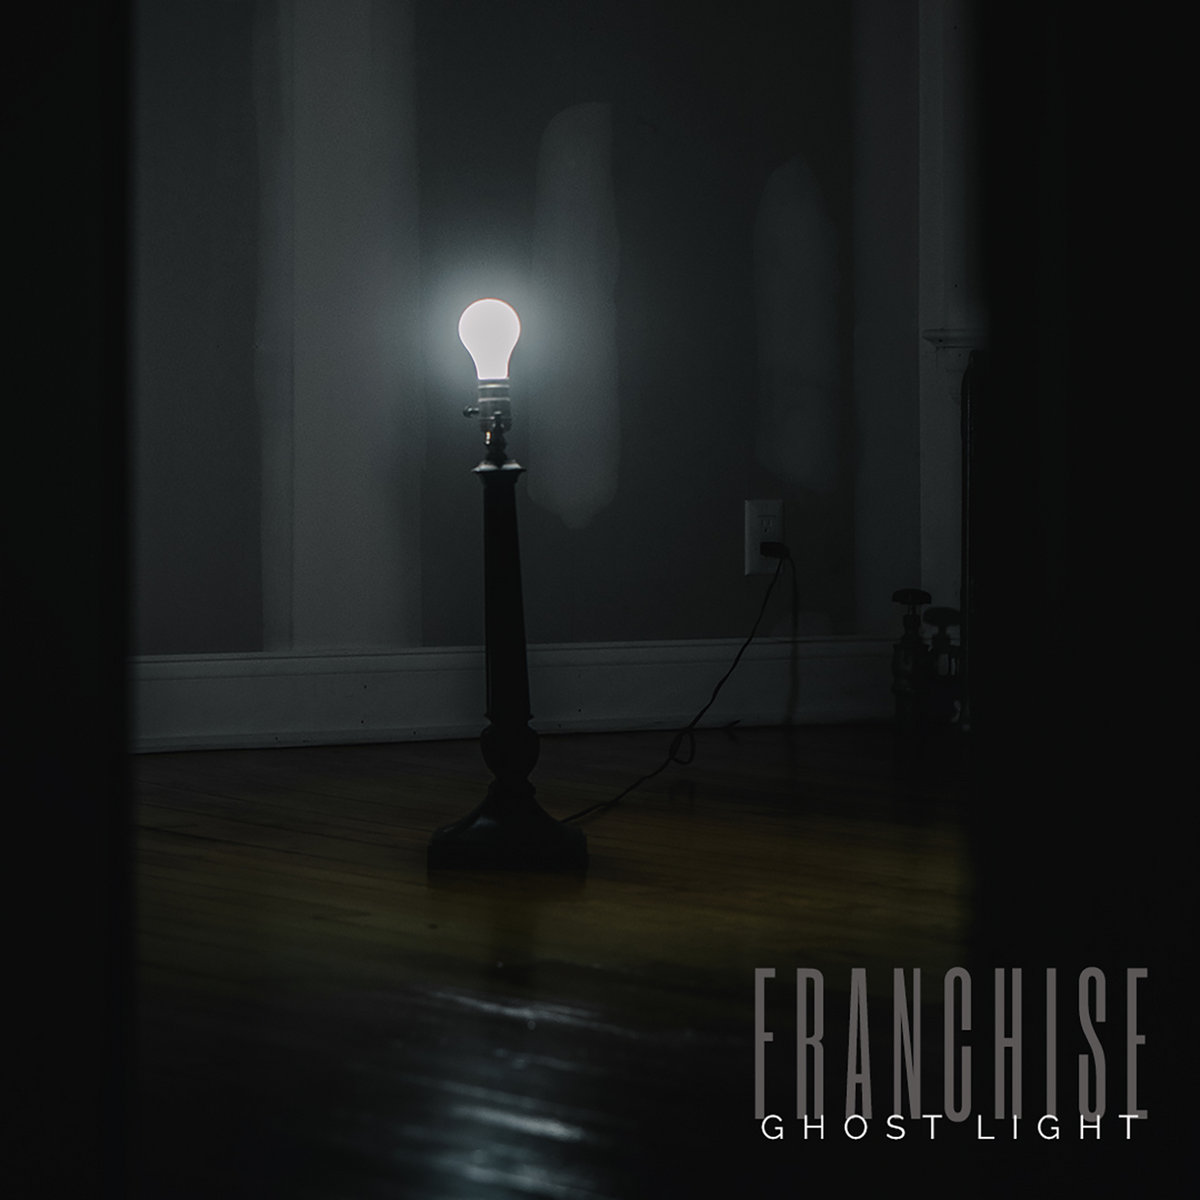 Ghost Light Franchise